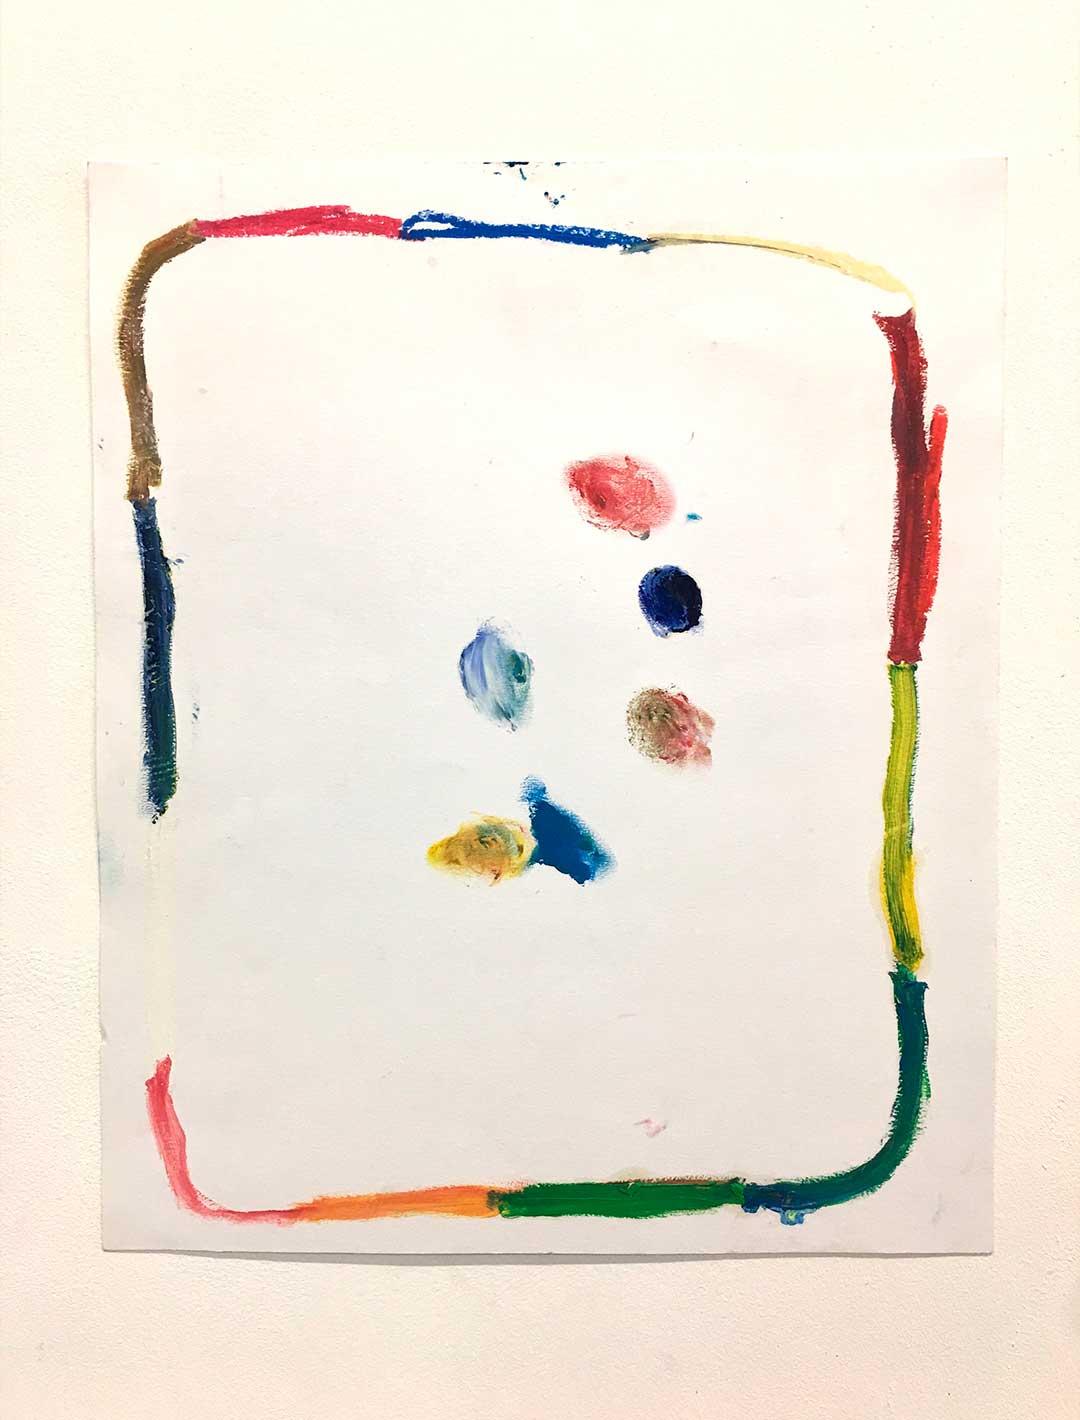 Savez-vous jongler les choux? - Pastels on paper - 39 x 31 cm